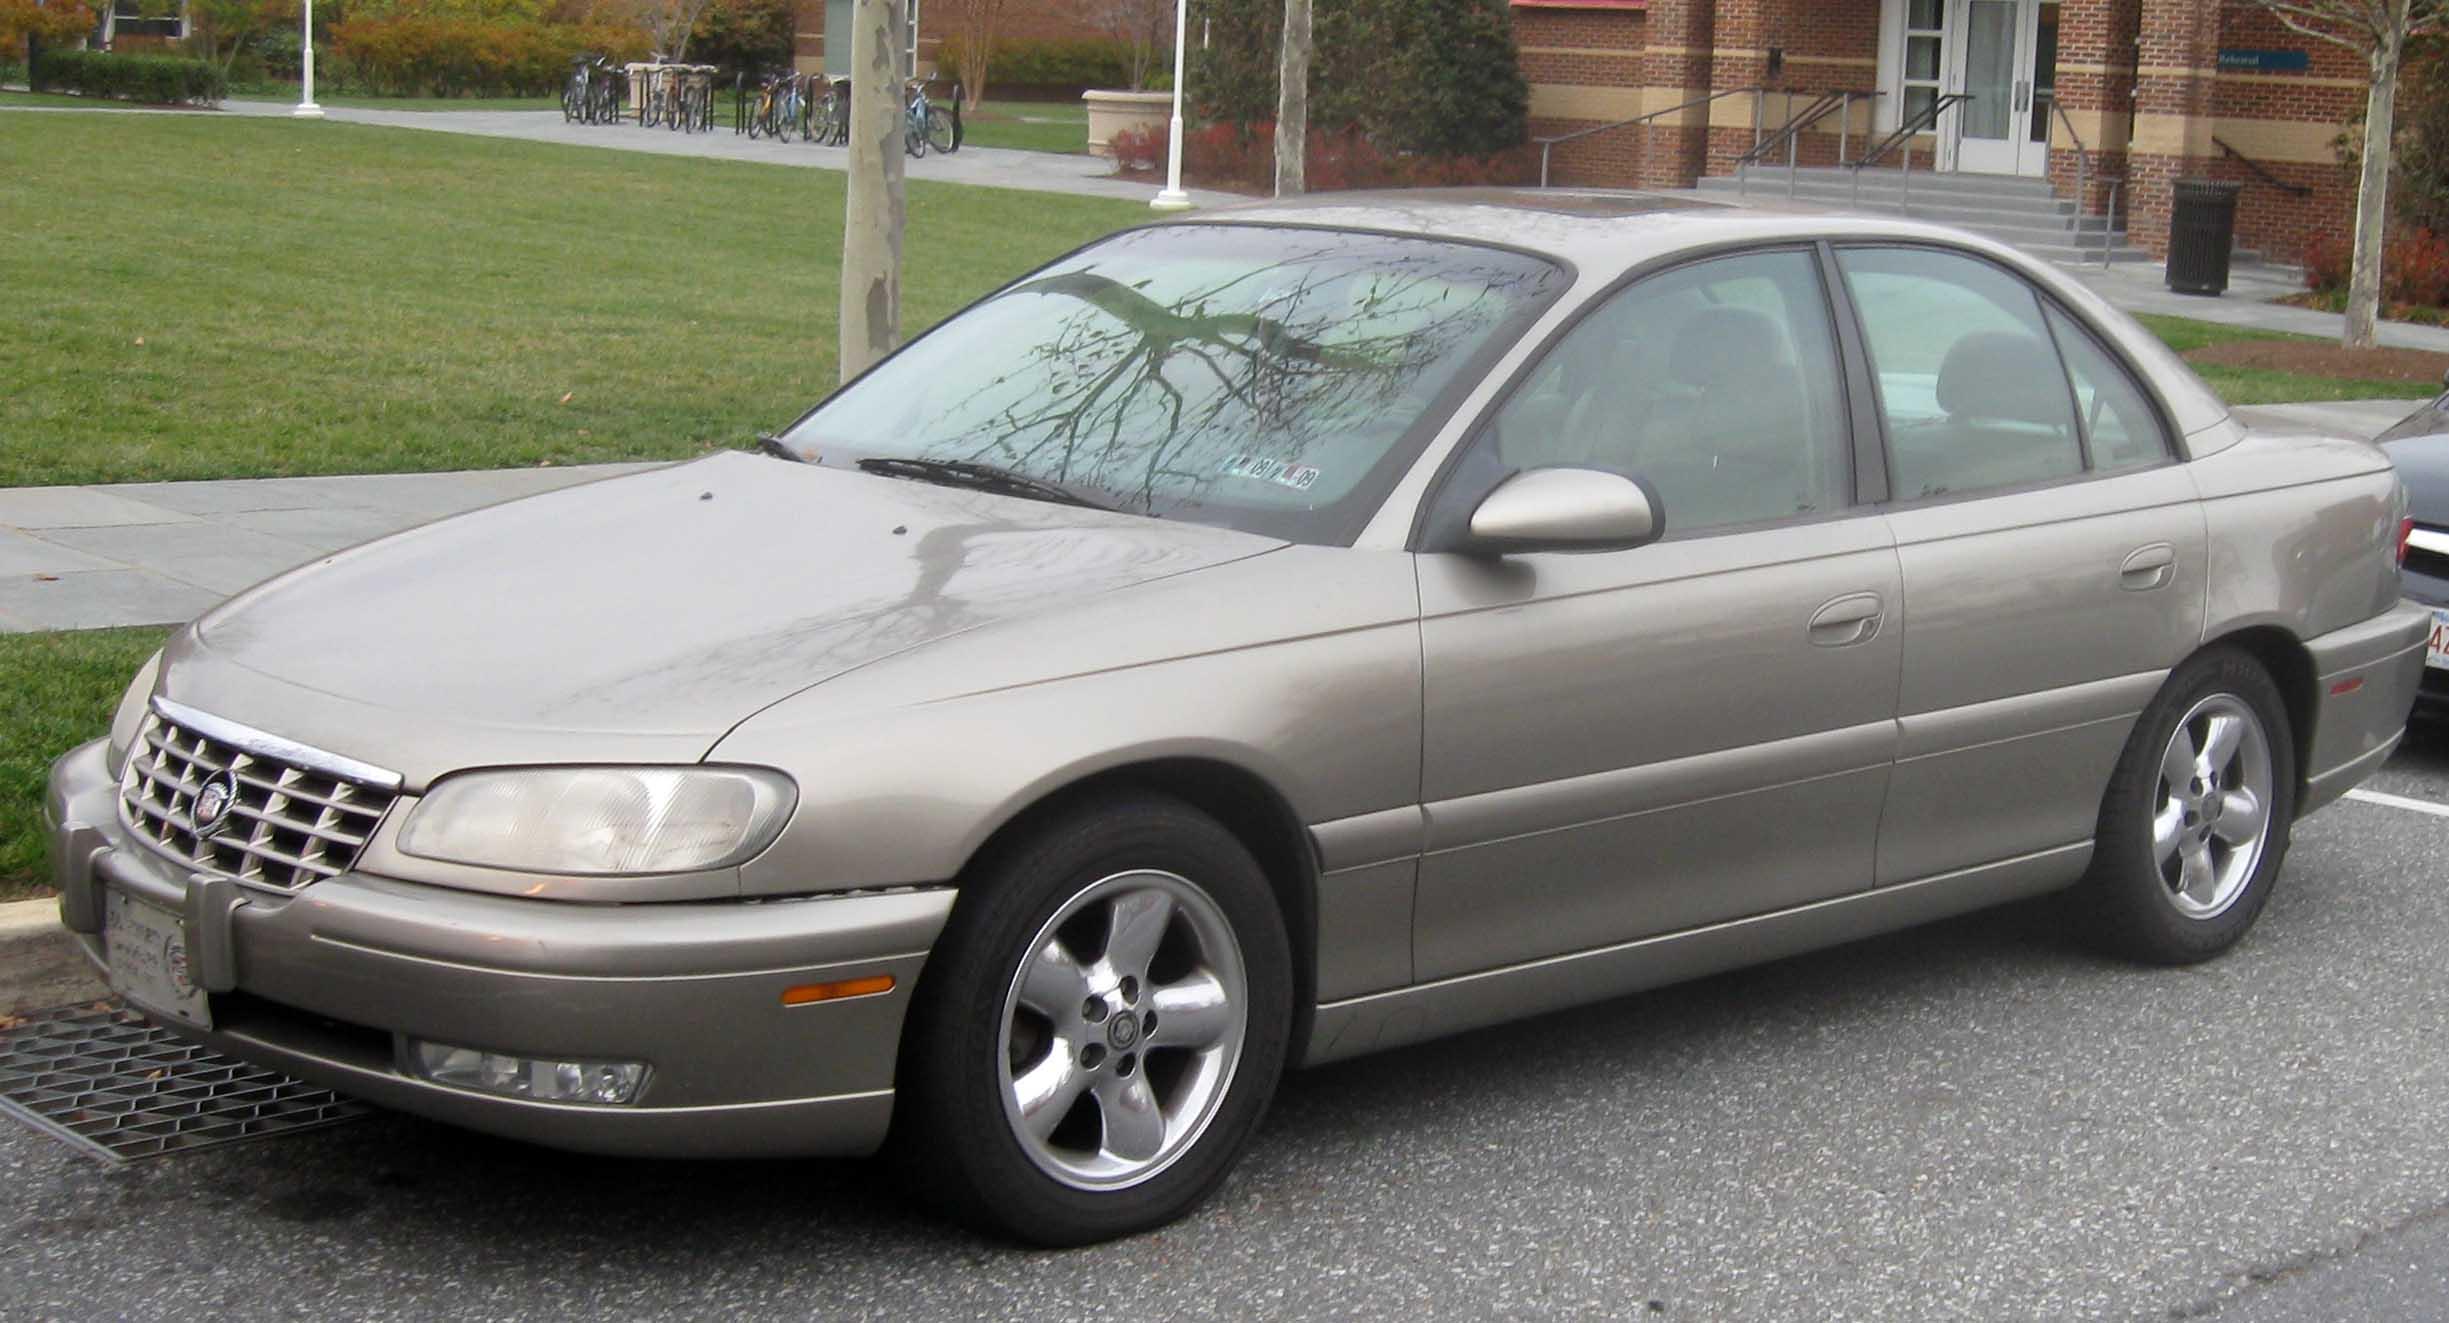 Cadillac Catera 1996 - 2001 Sedan #4